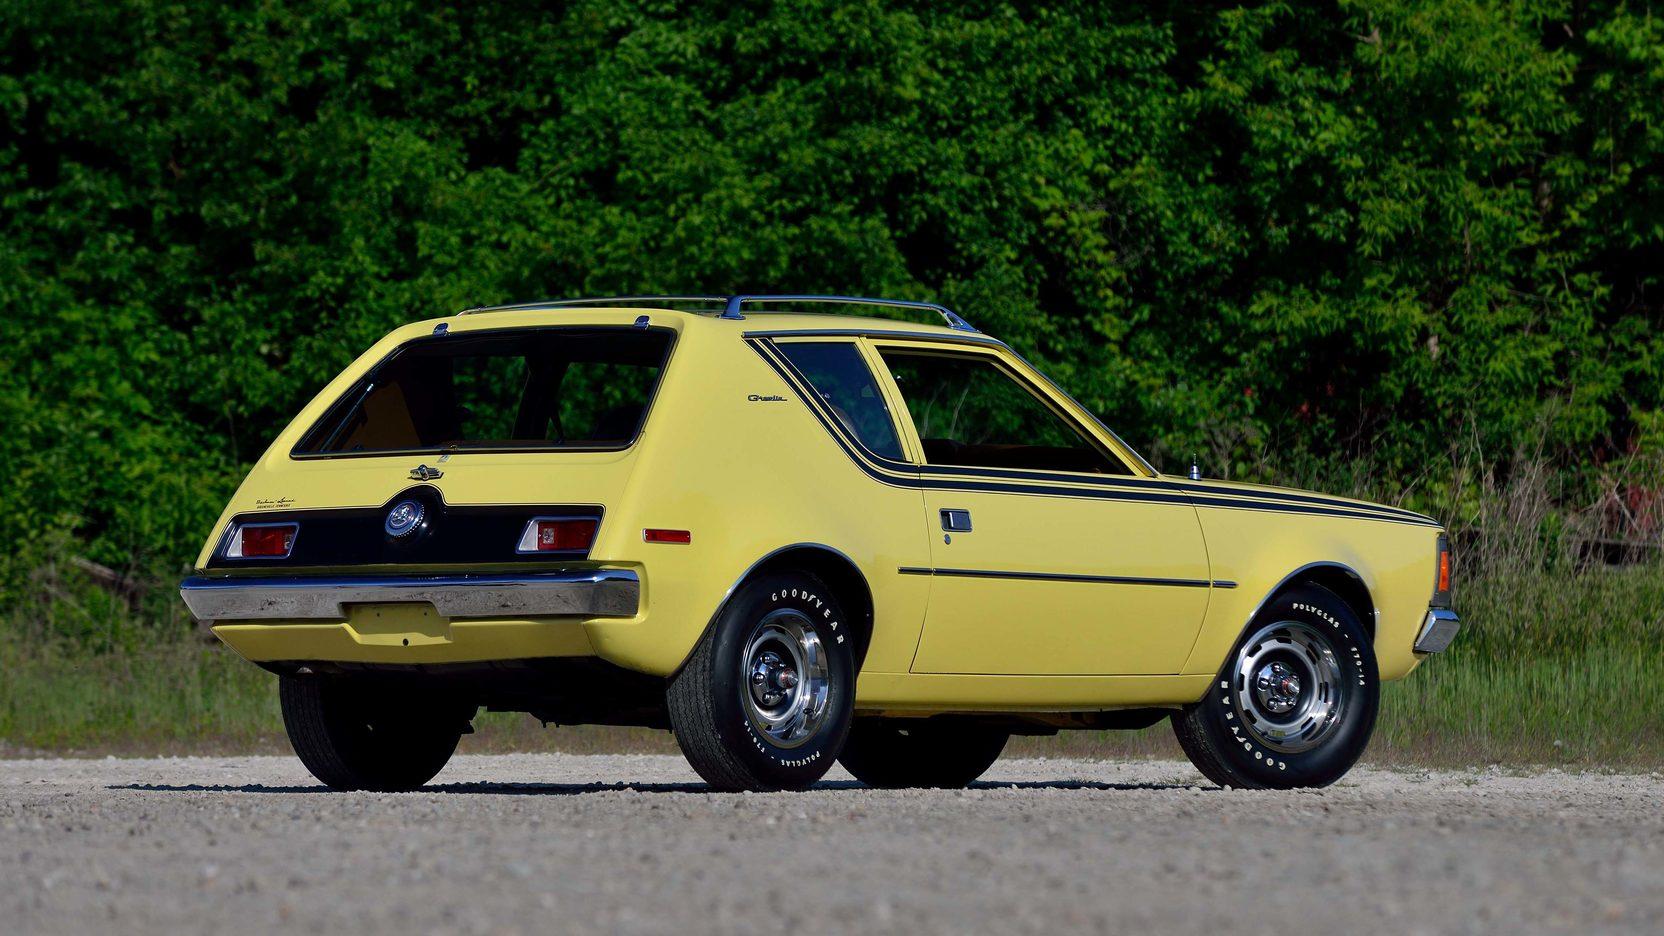 1972 AMC Gremlin rear 3/4